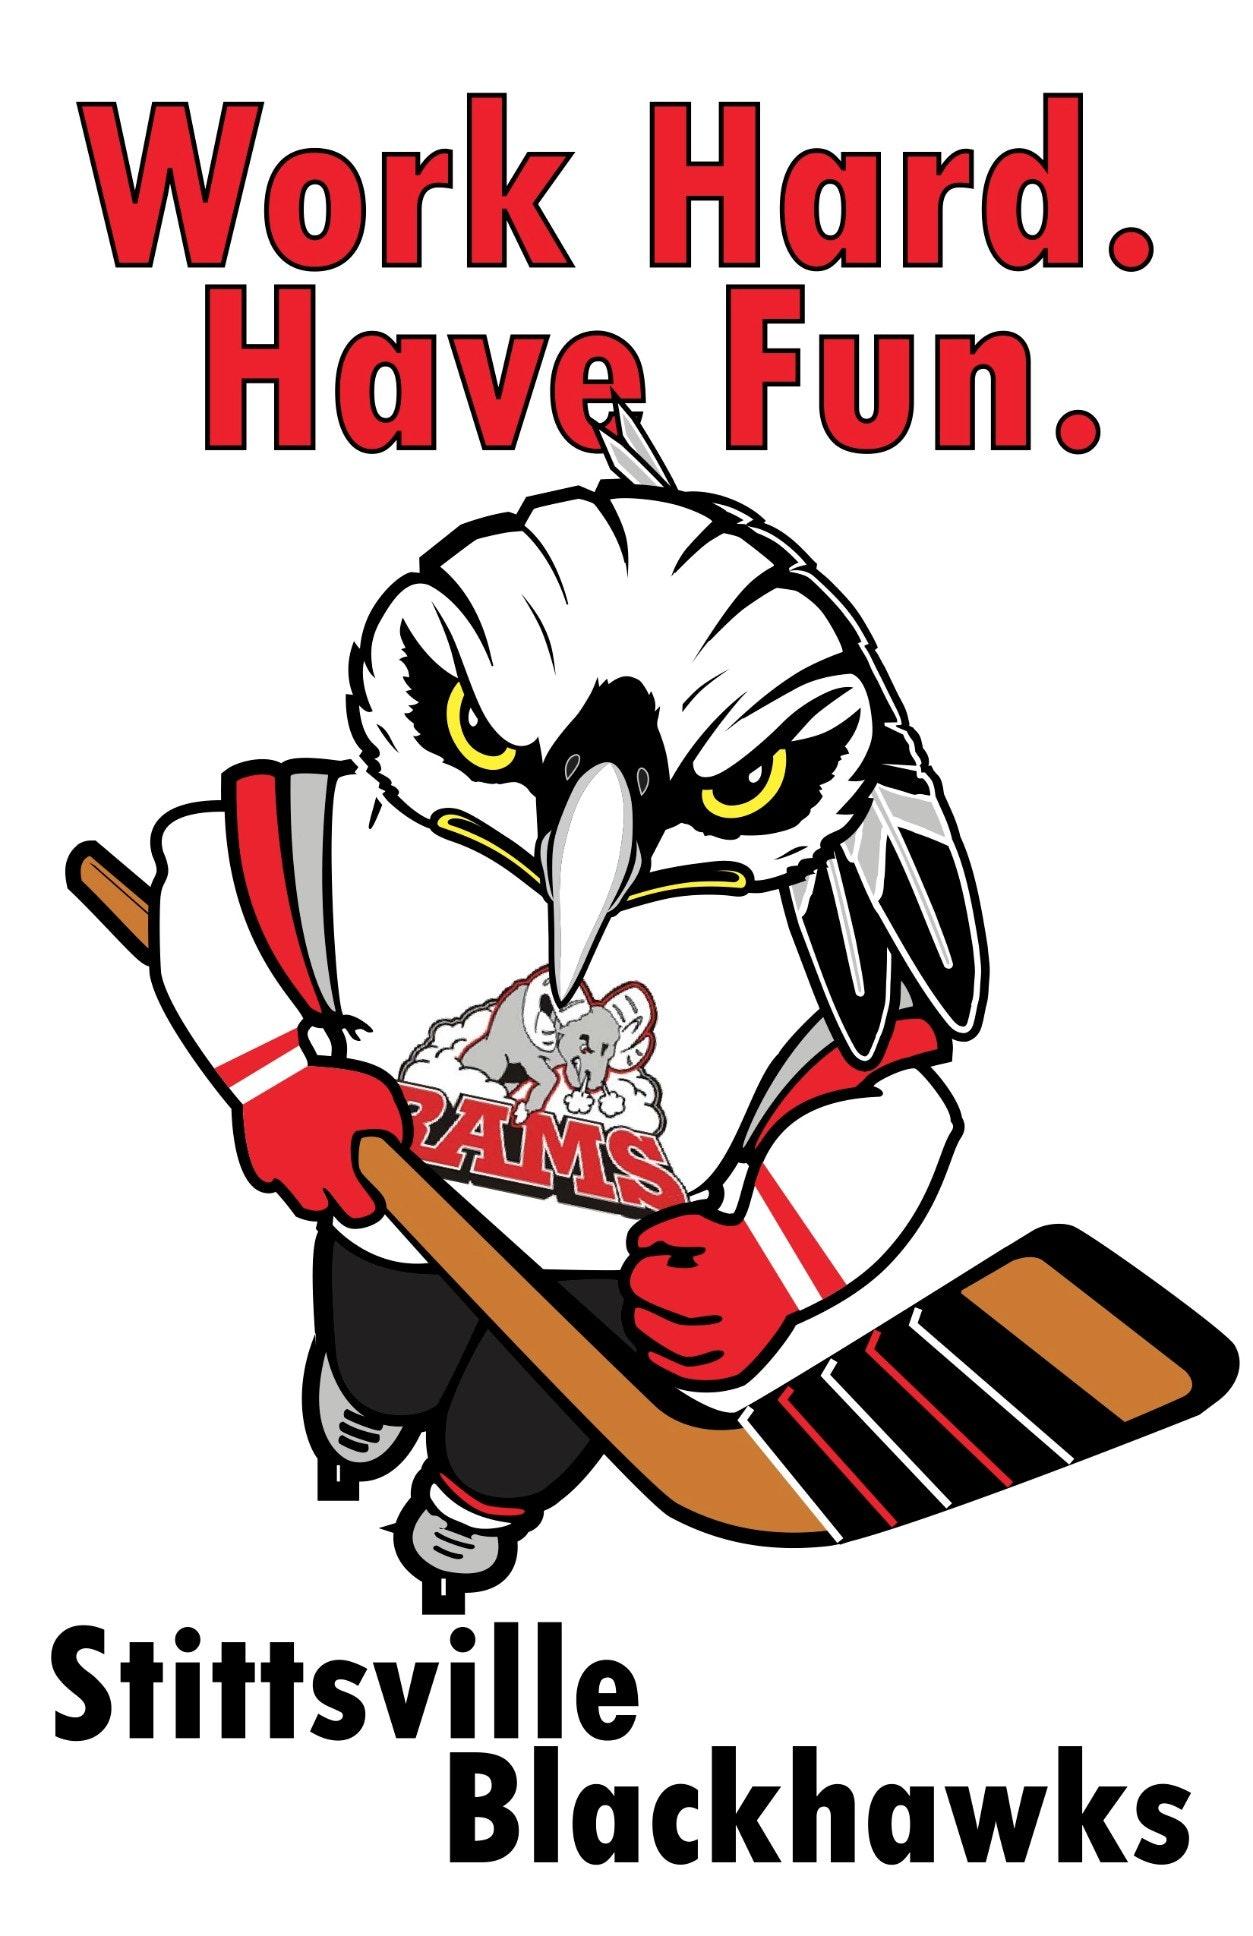 Stittsville Blackhawks